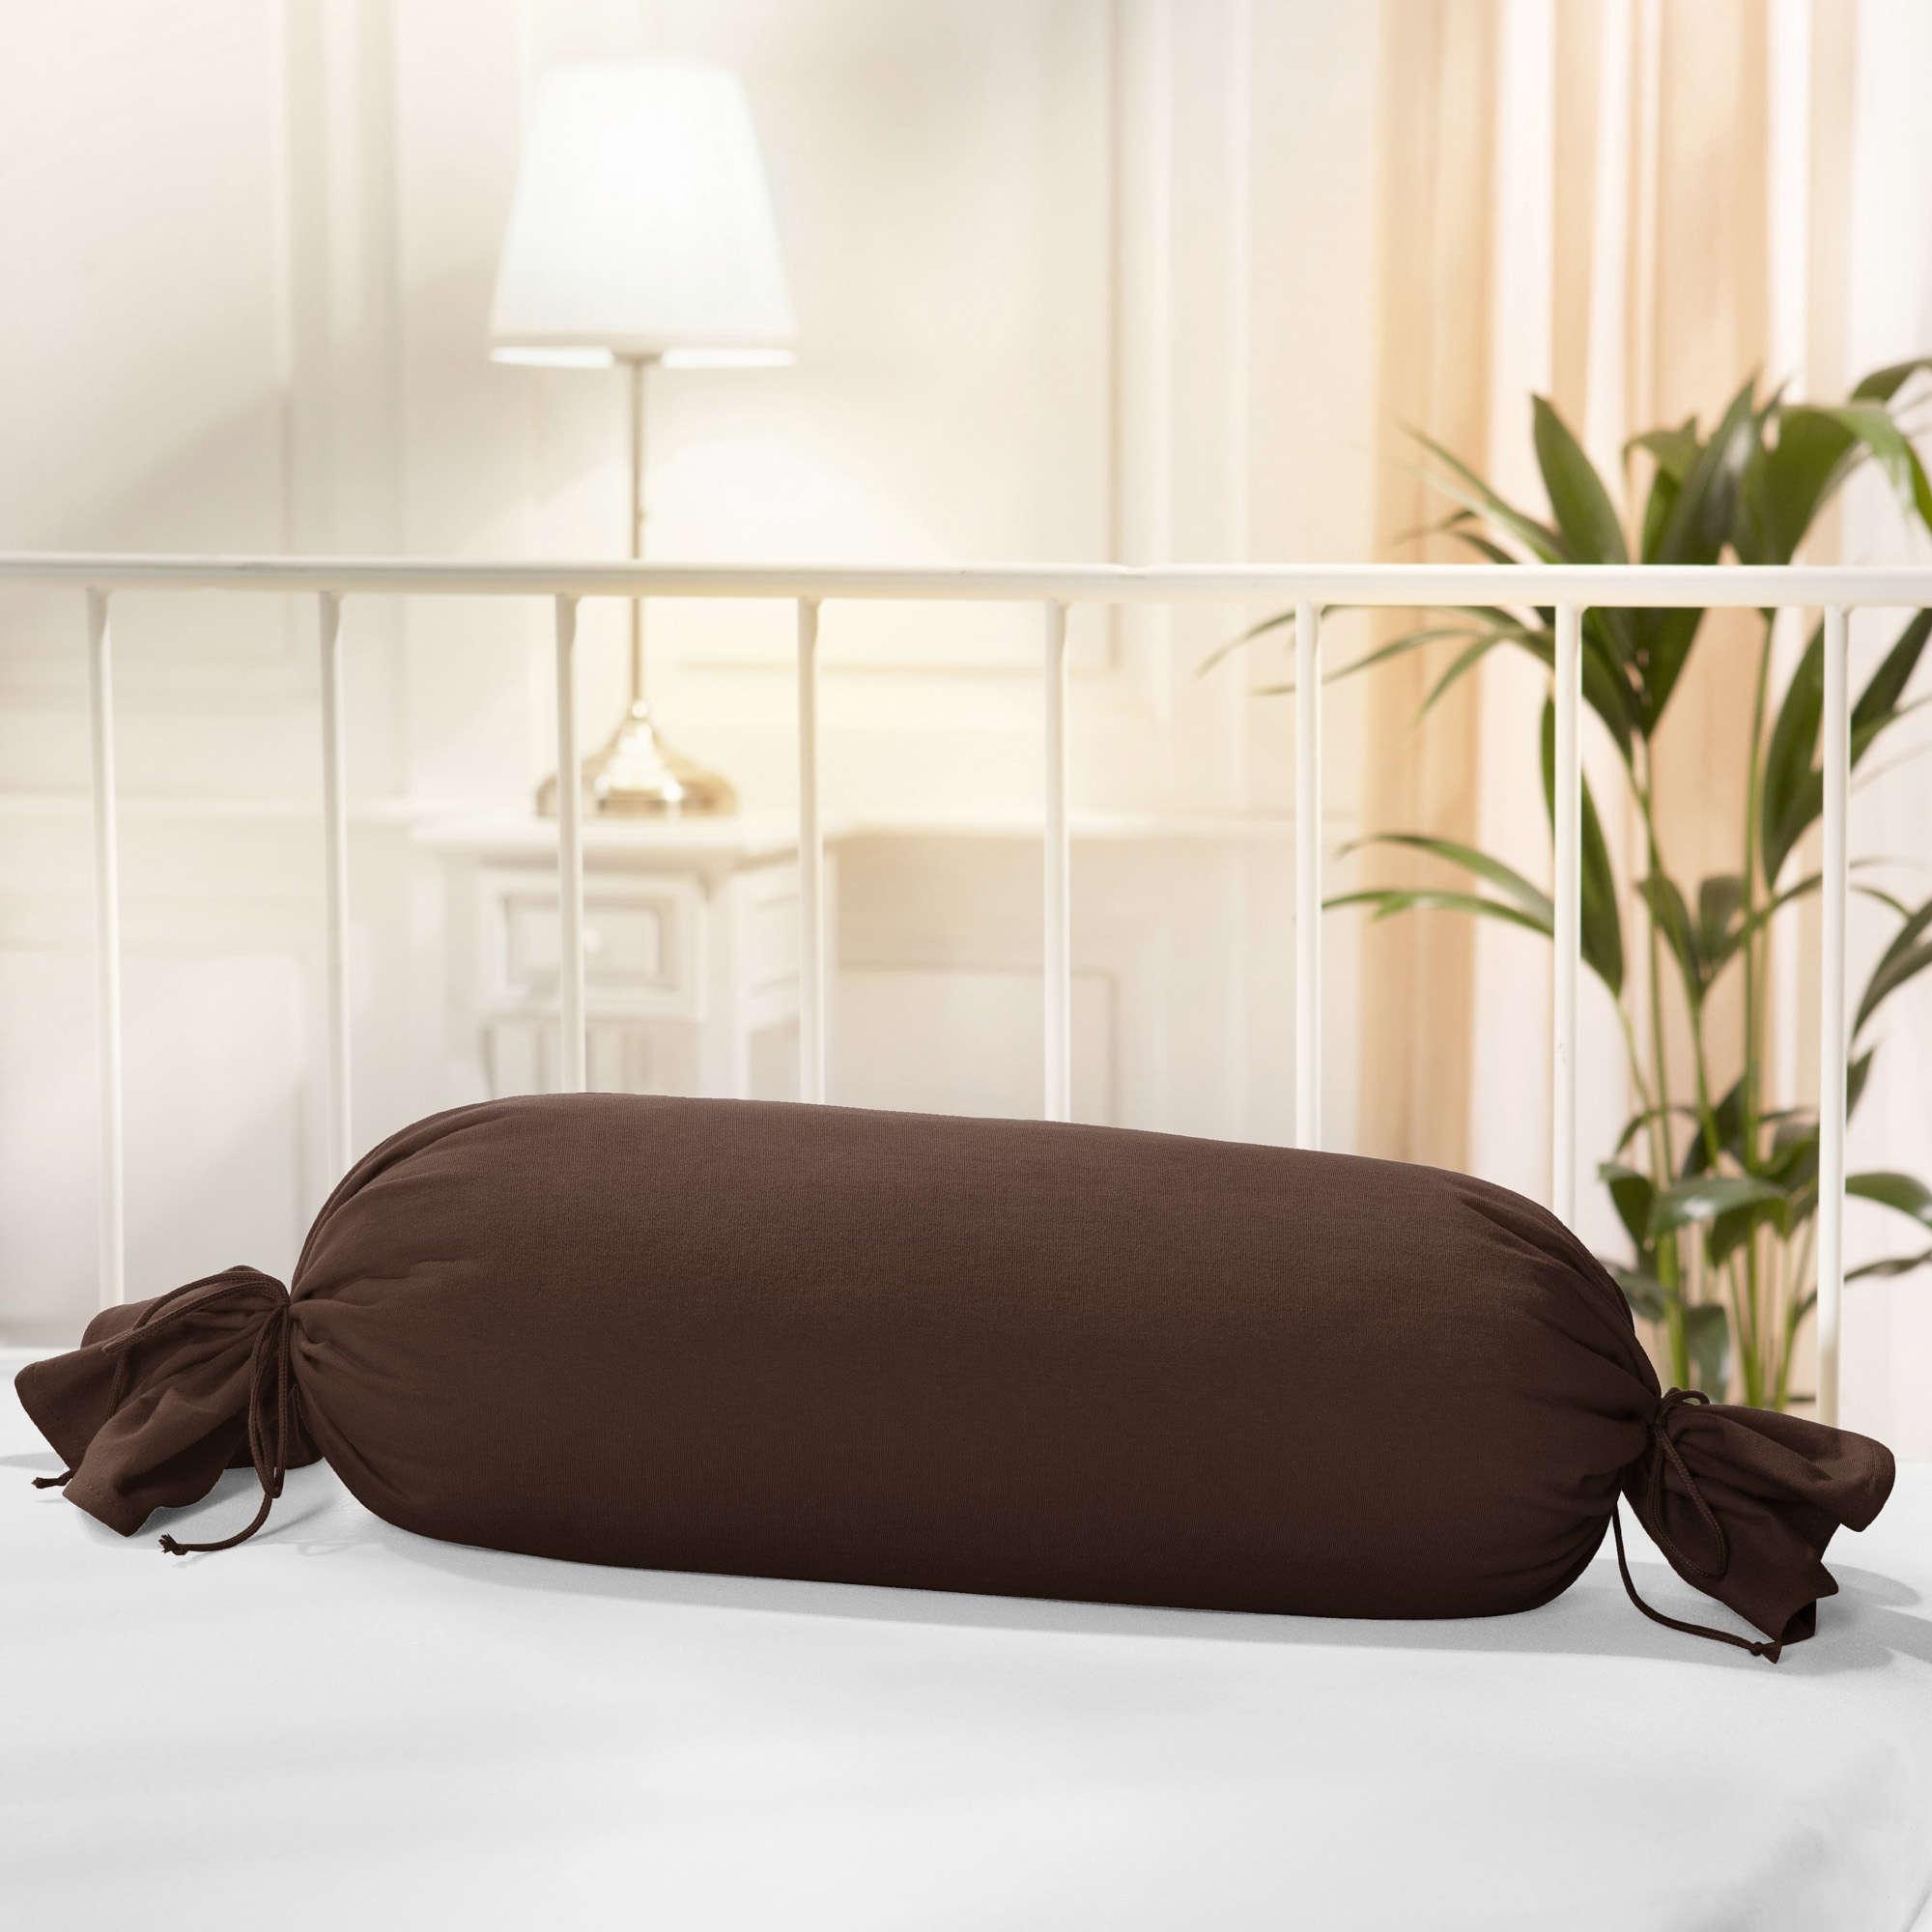 erwin m ller nackenrollenbezug ebay. Black Bedroom Furniture Sets. Home Design Ideas